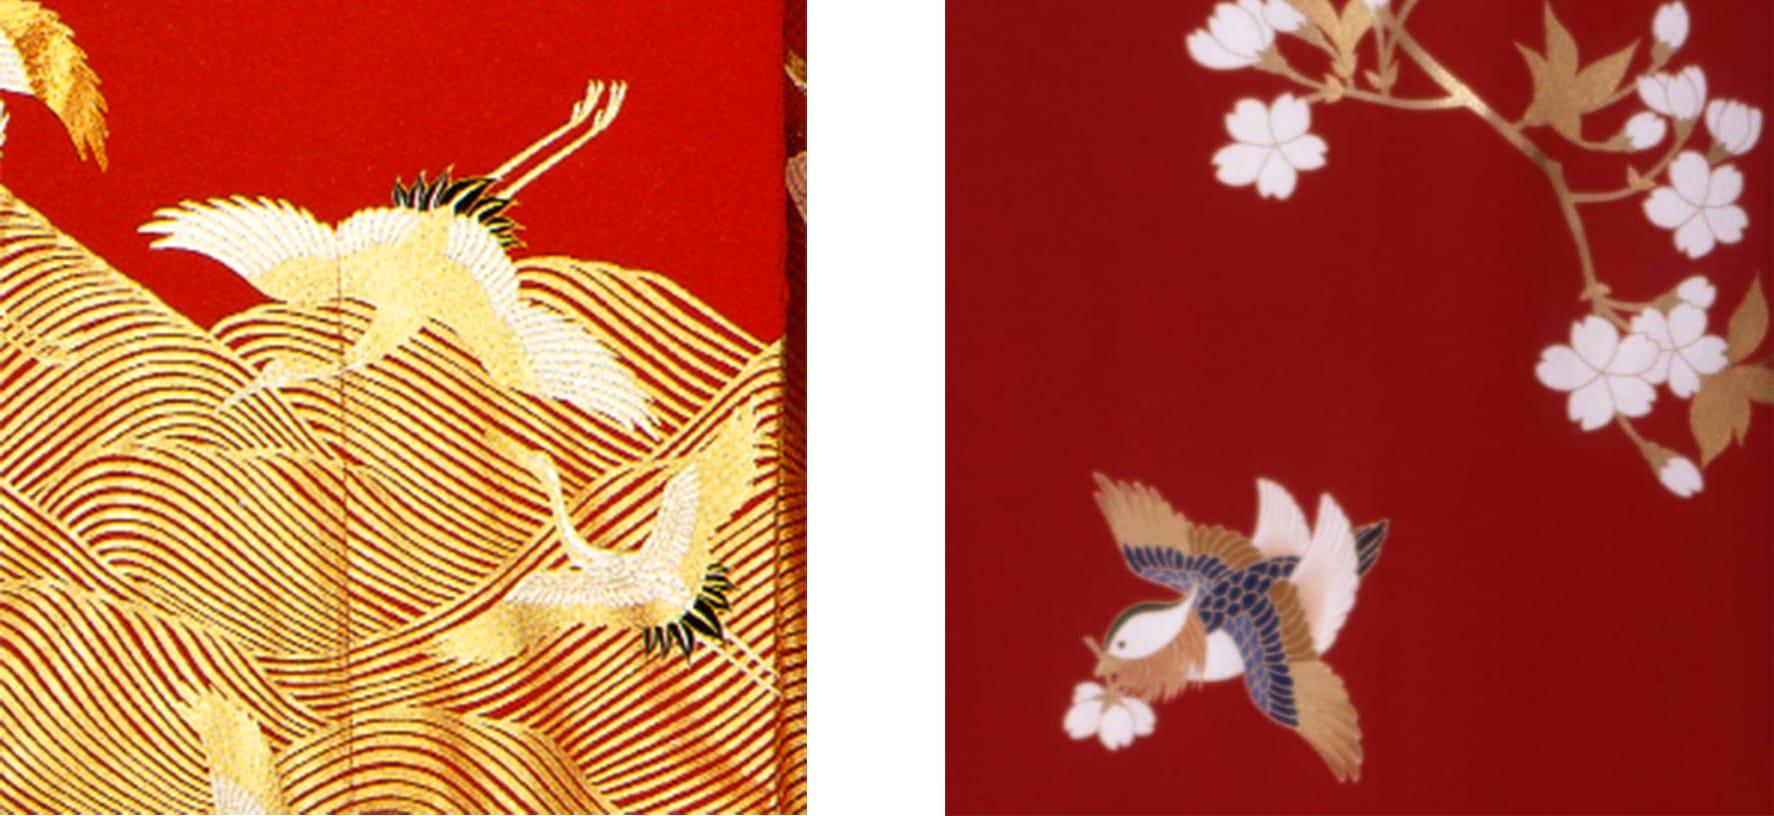 日本の瑞鳥の代表である鶴を主題にしたきもの(左)や雌雄仲睦まじい鴛鴦をモチーフにしたきもの(右)は、慶事の晴着として愛されてきた